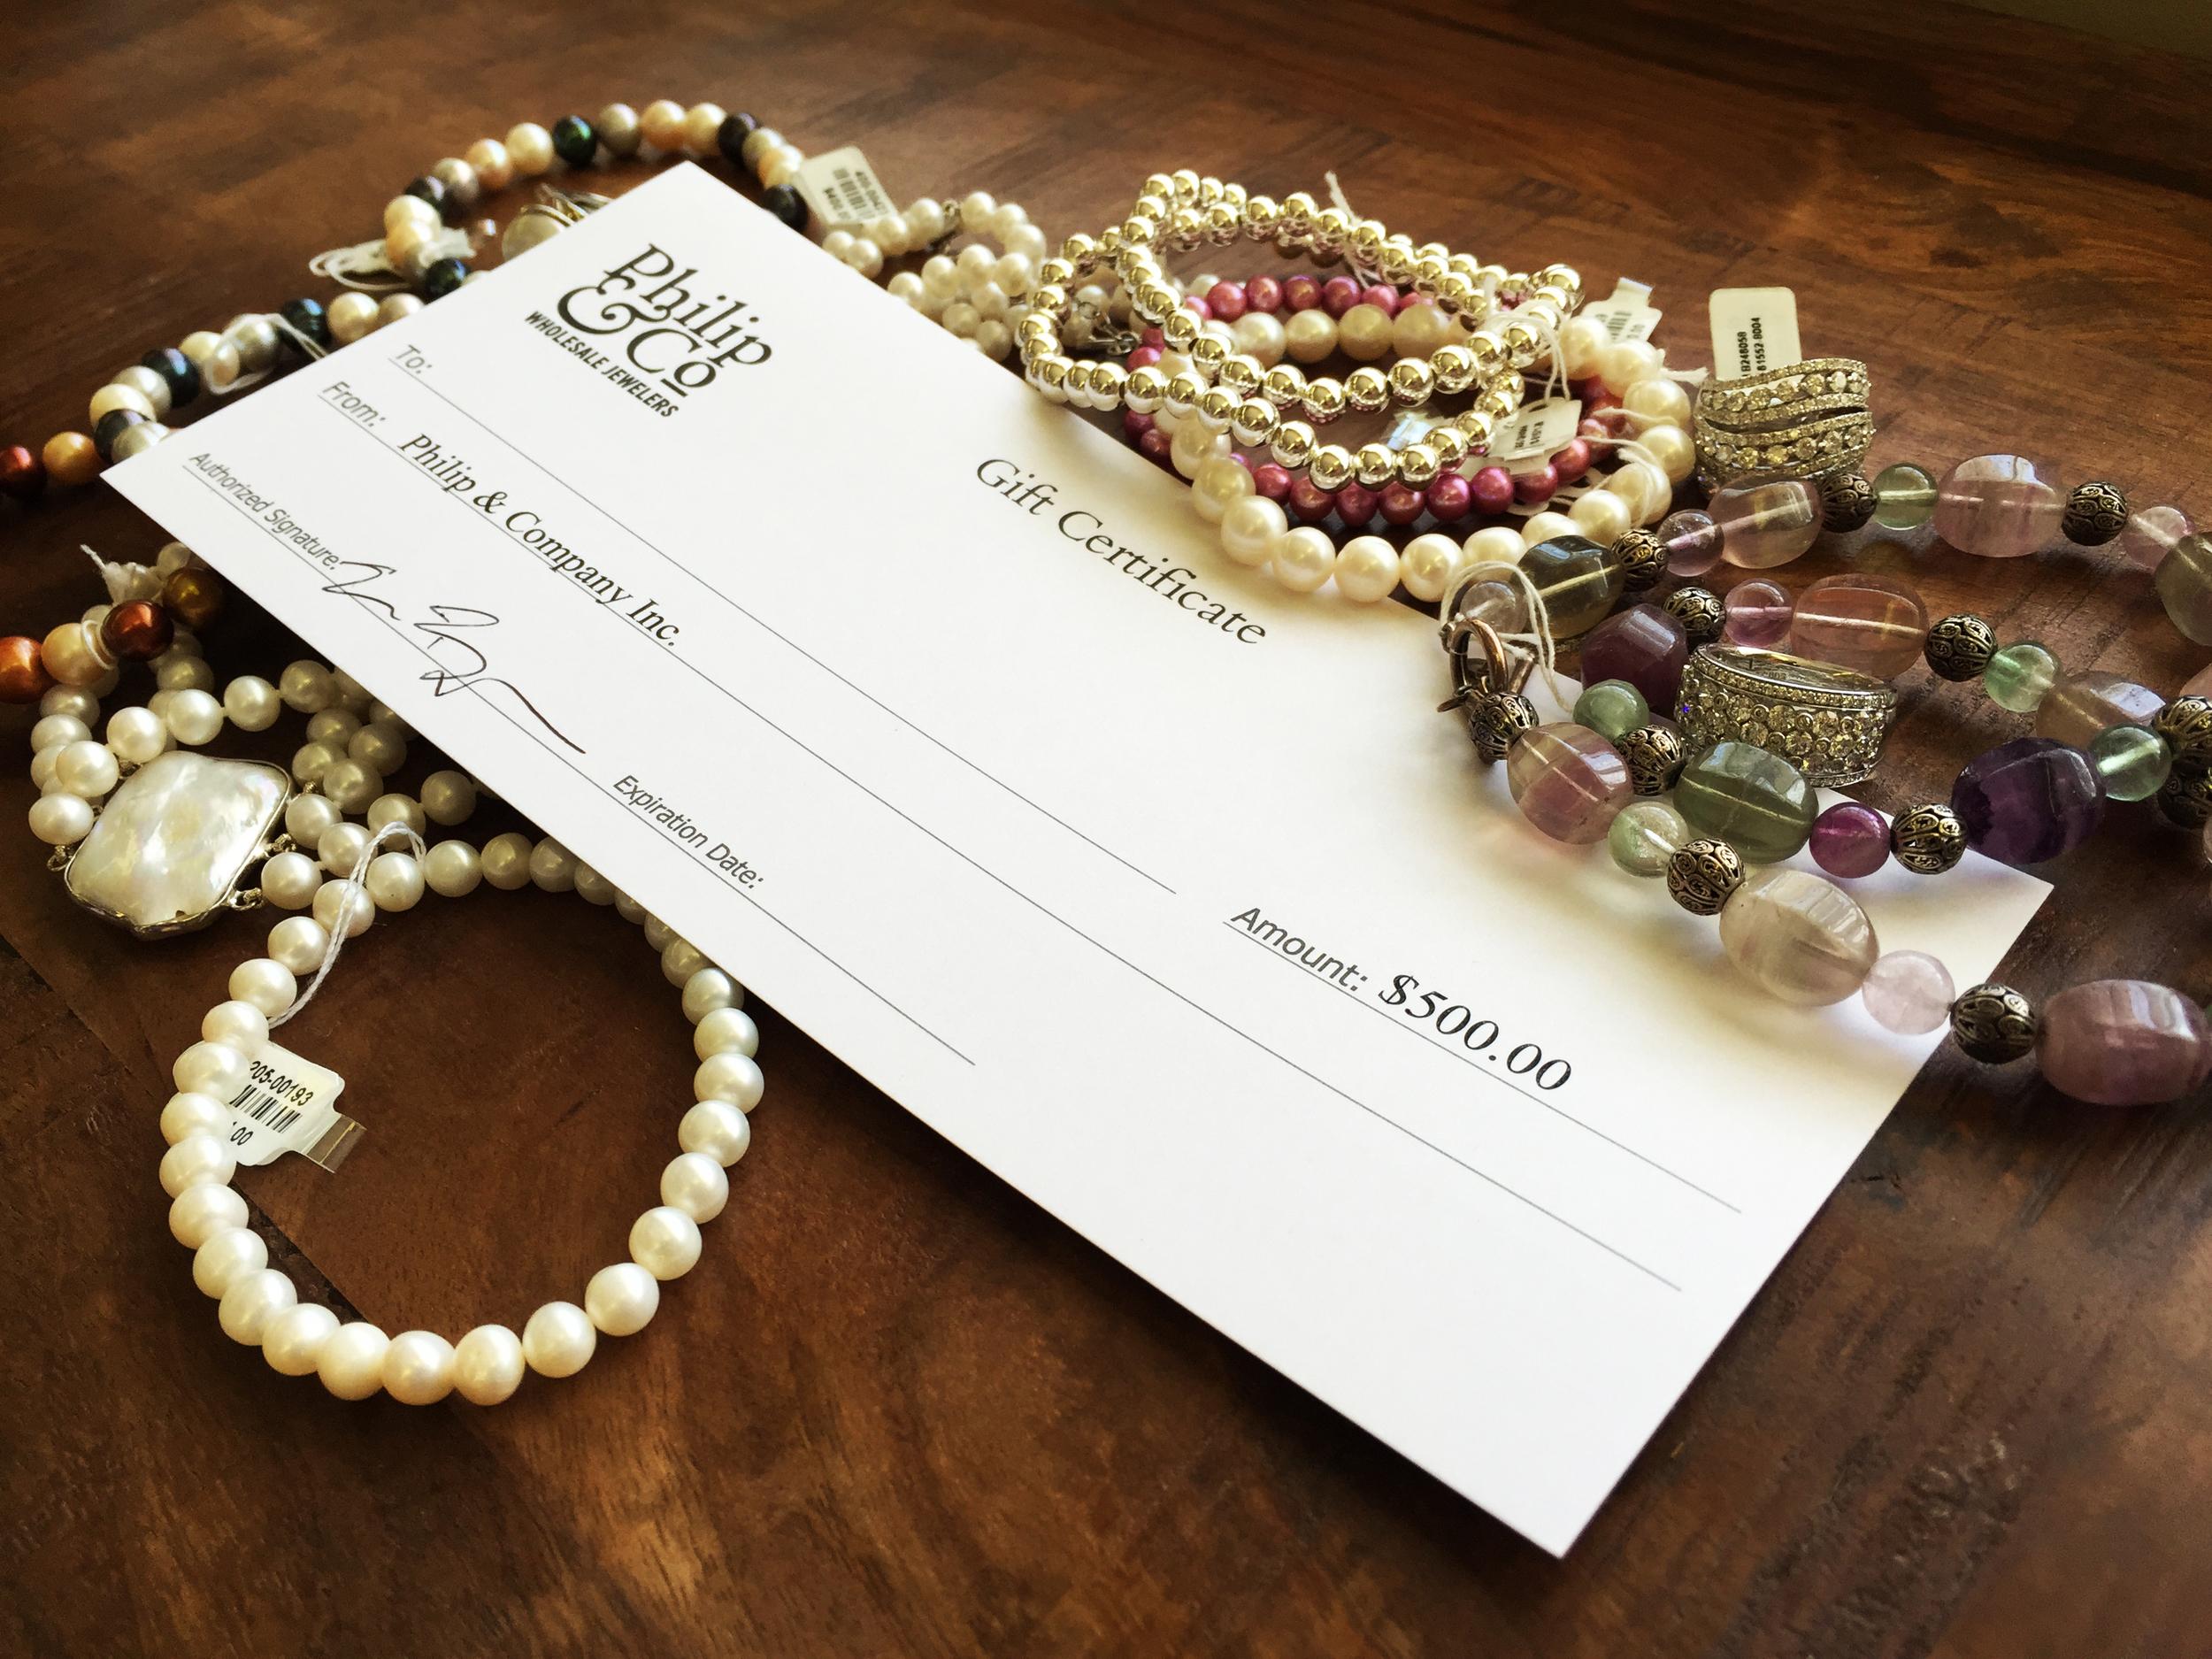 Philip & Co Jewelers Giveaway Website